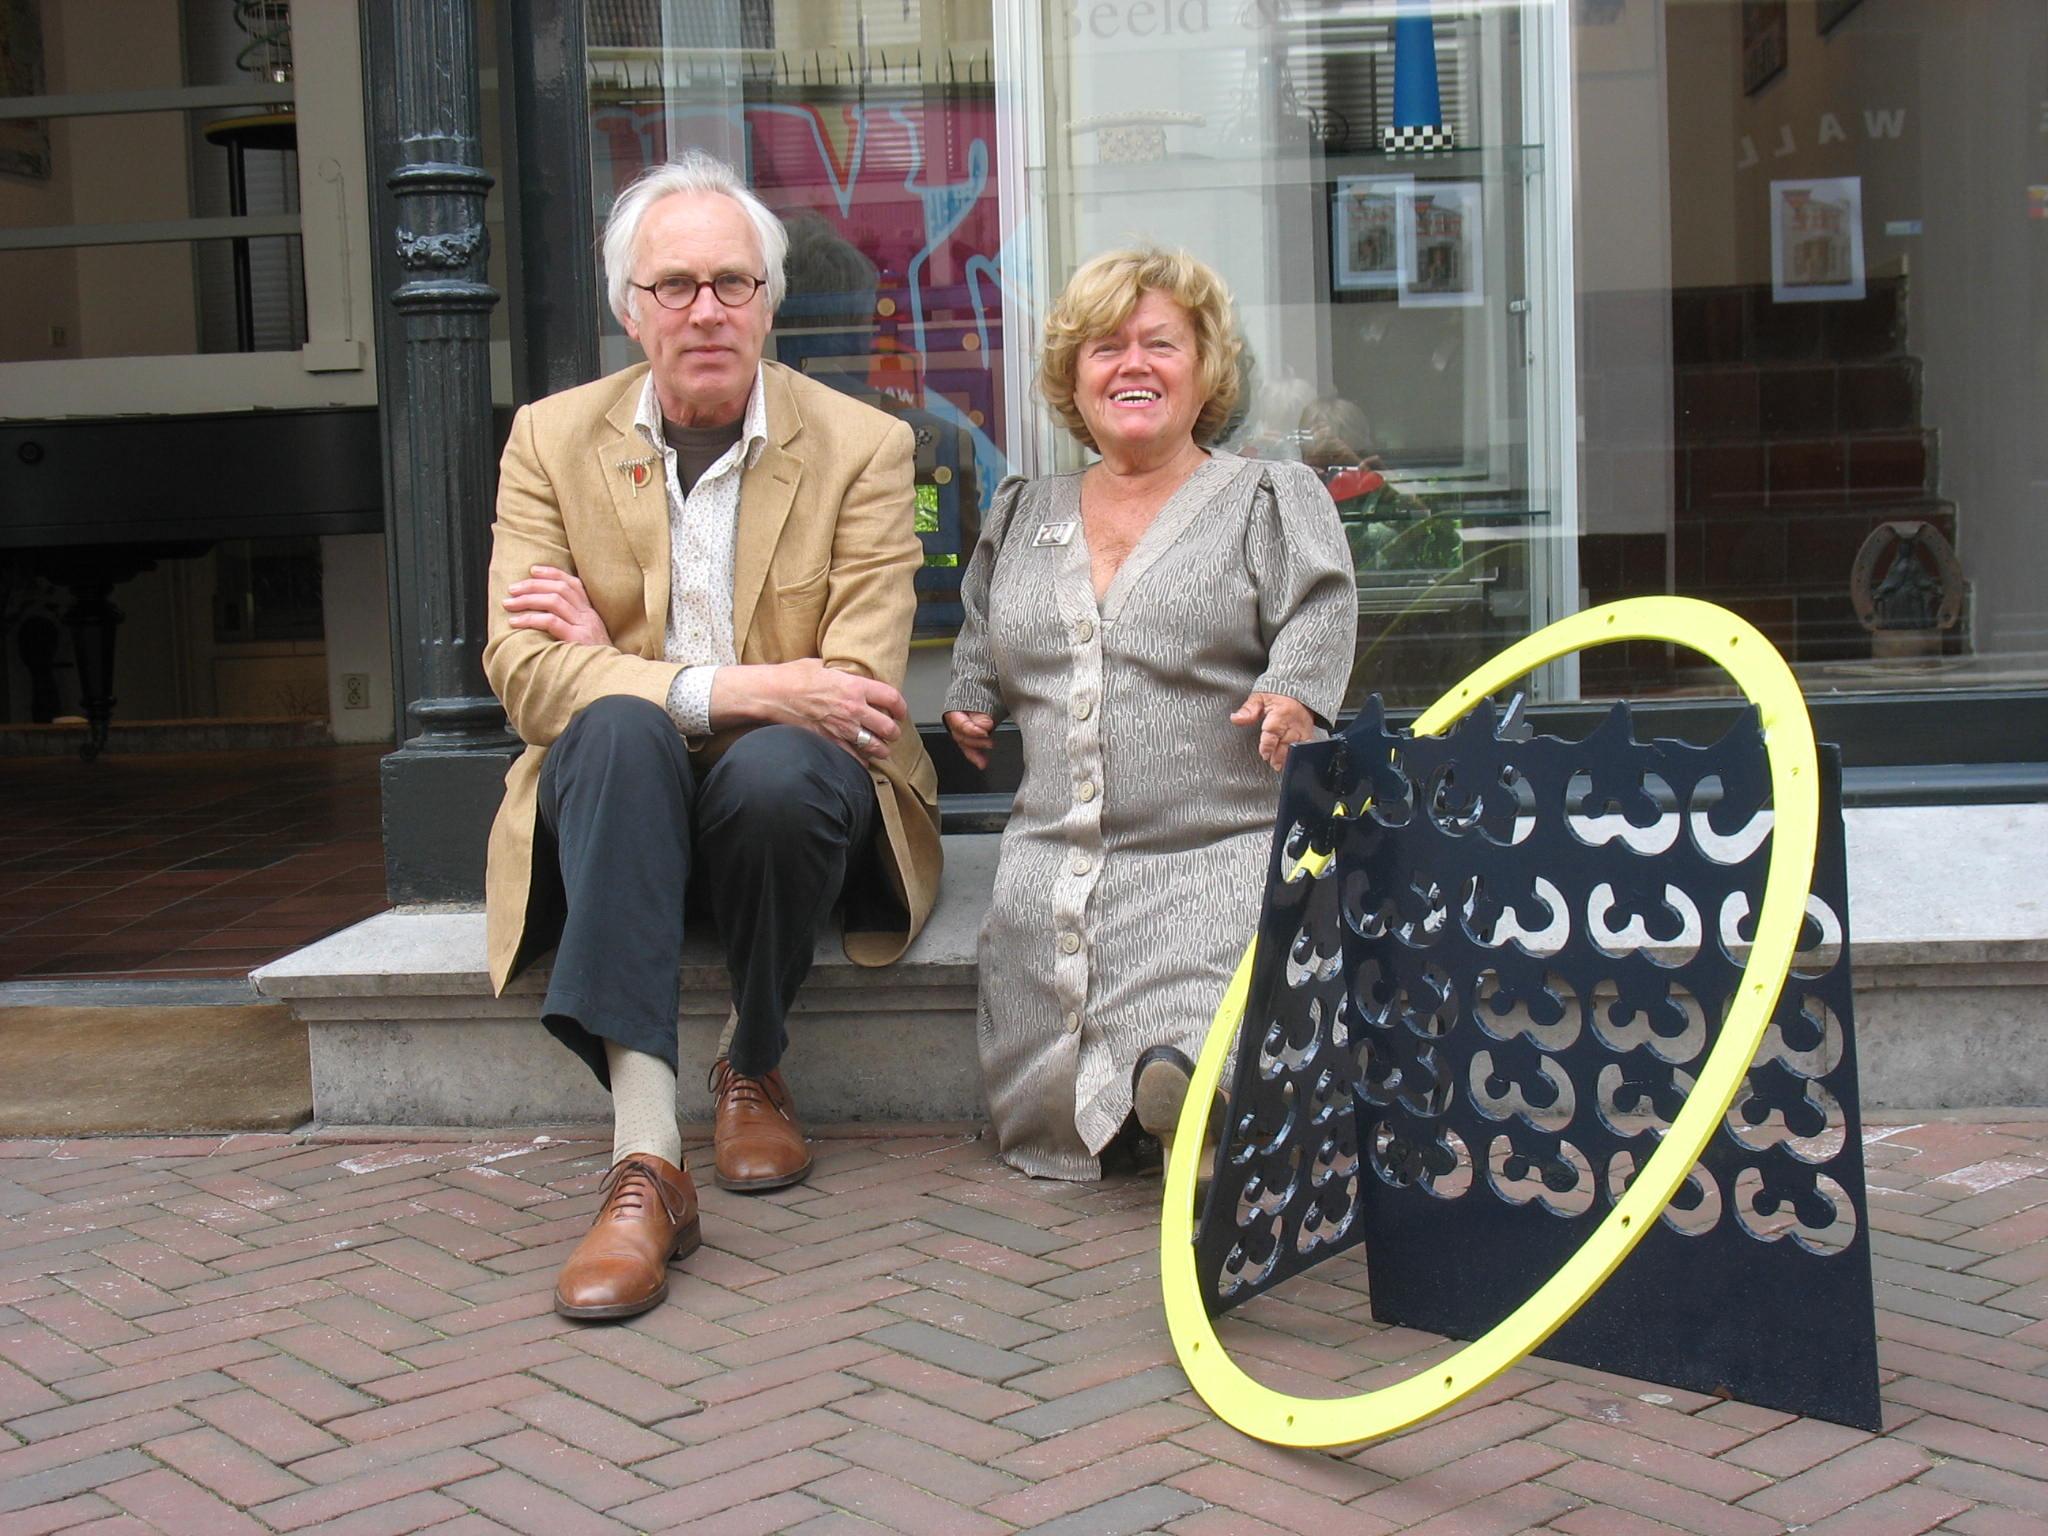 Karel Betman en Martha Haveman voor de galerie, 2010, portret, object, gevel